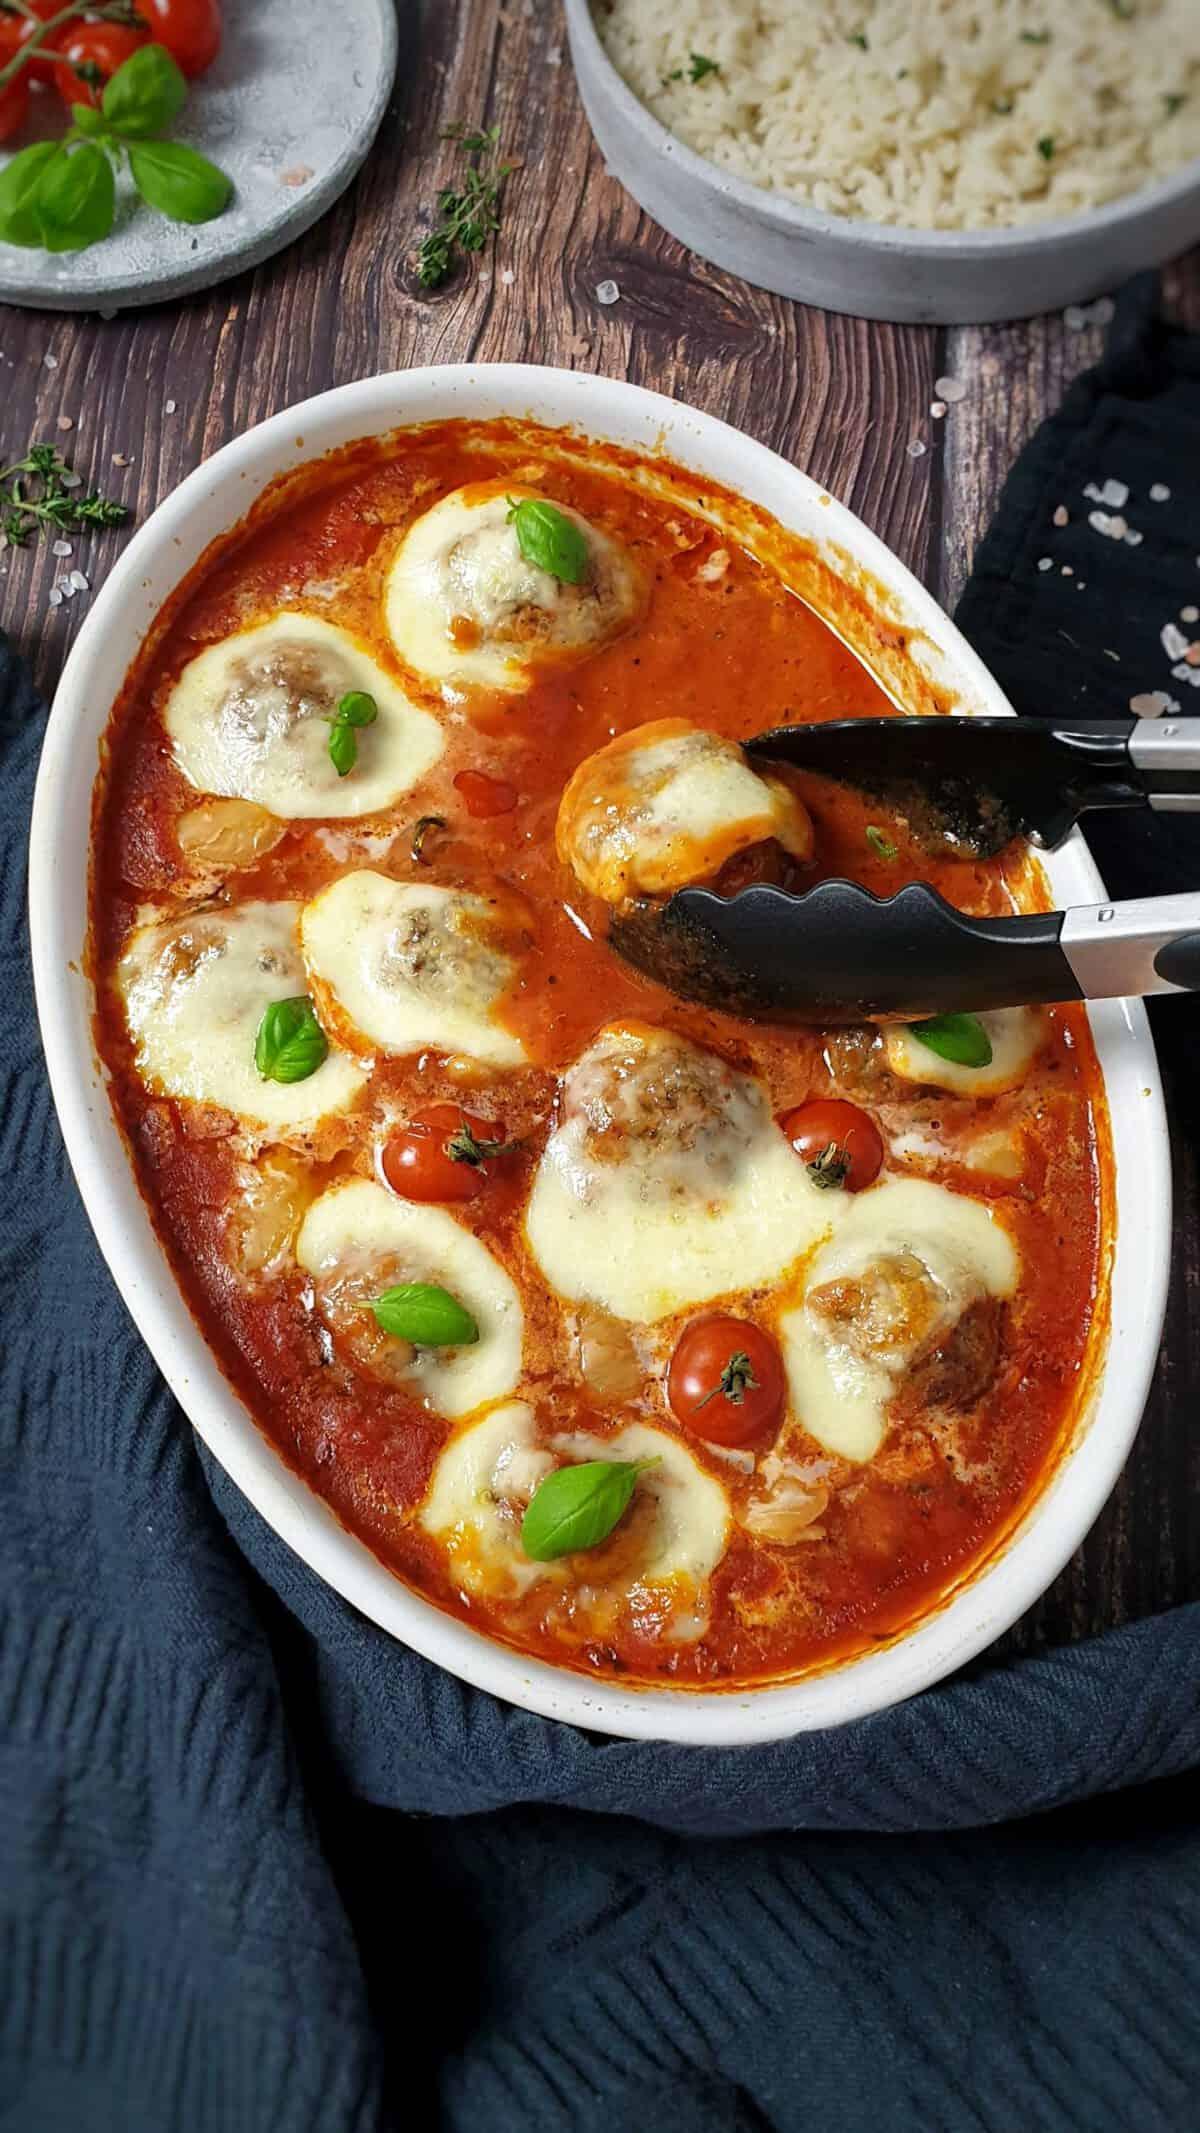 In einer weißen Auflaufform überbackene Ofen Hackbällchen mit Mozzarella in Tomatensoße.